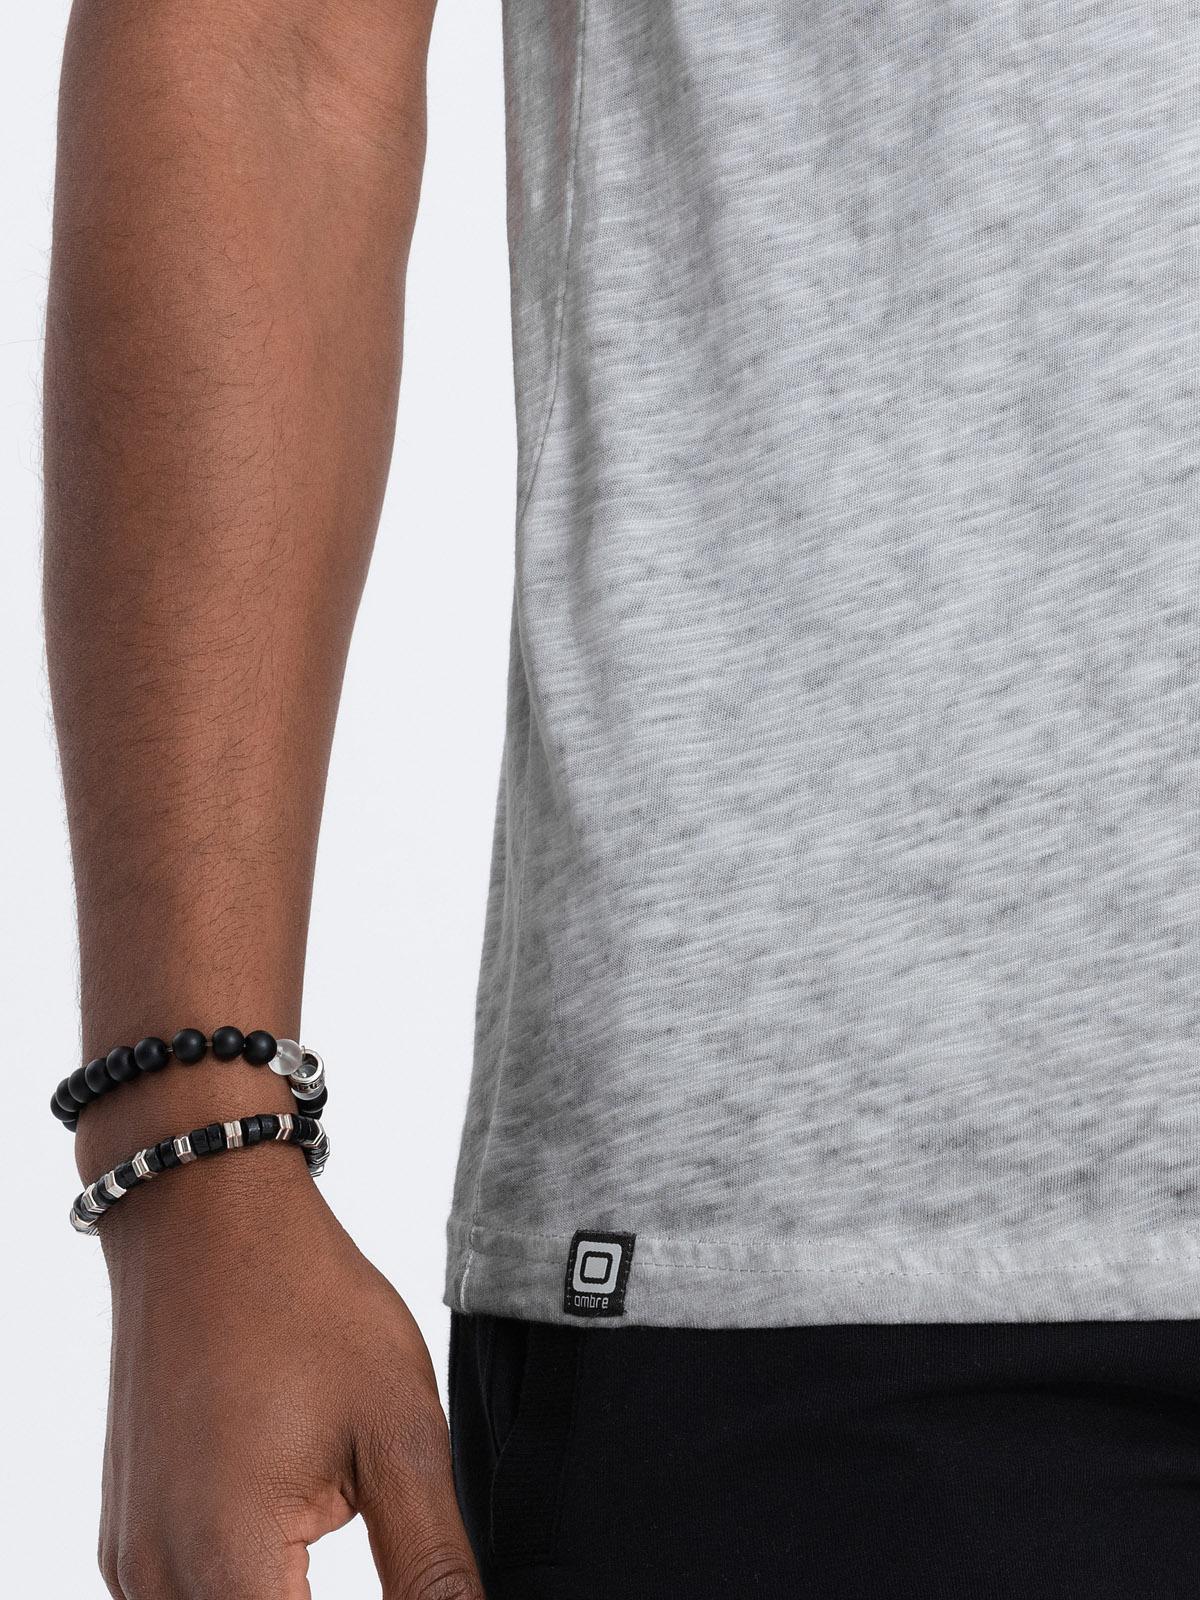 Levně Pánské tričko bez potisku S1388 - šedá